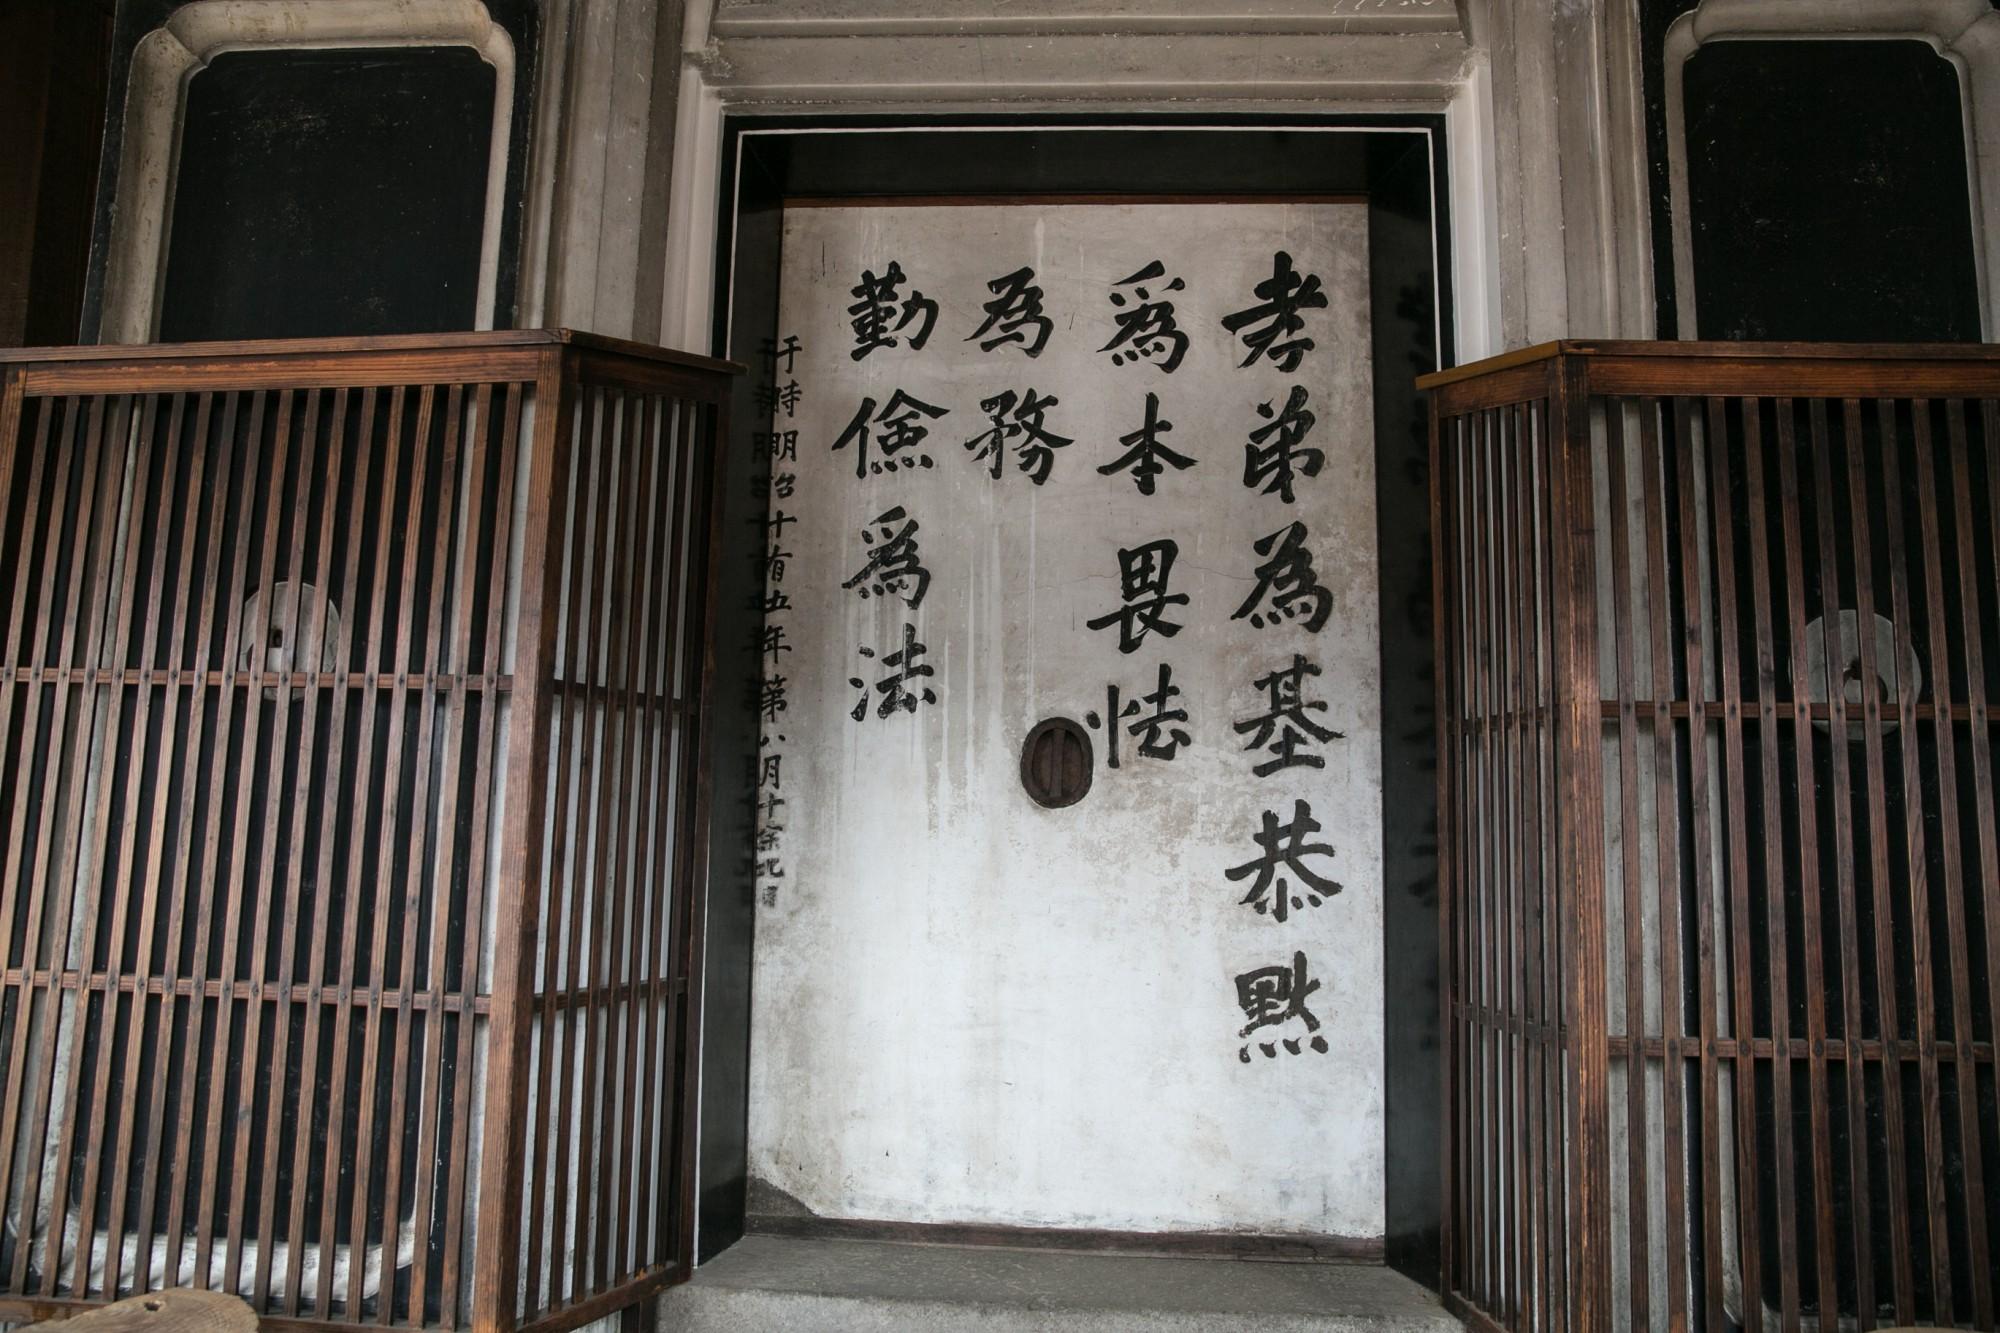 蔵の扉は三重。服部さんのメモによれば、この漢文は『親に尽くし、上司の命に従う。慎み深く寡黙に。おそれおびえる。勤勉で倹約する』といった意味だそうです。